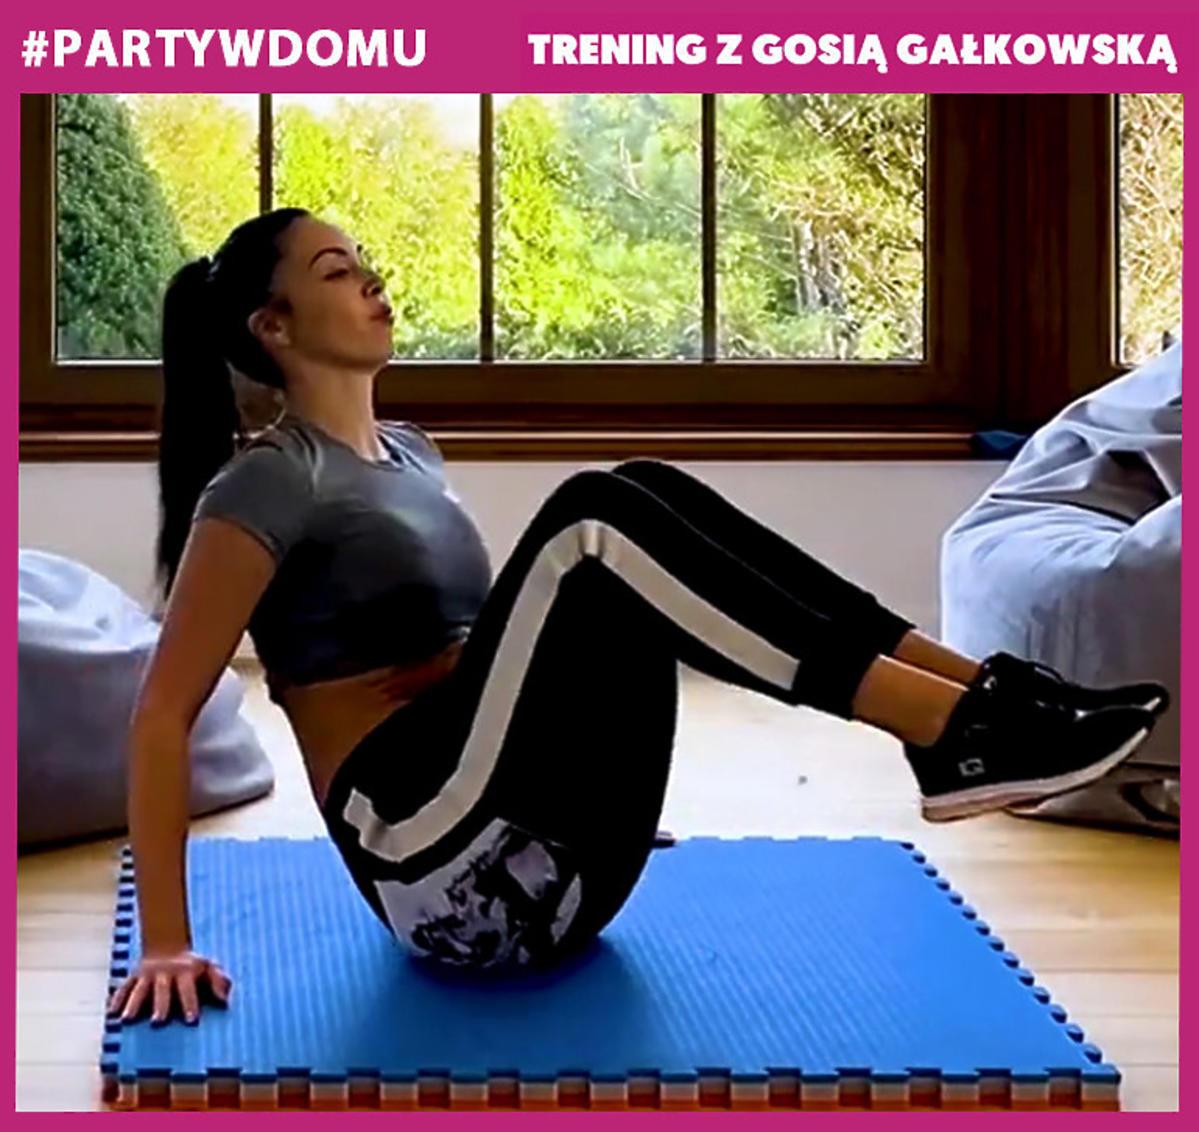 Gosia Gałkowska trening spalanie całego ciała